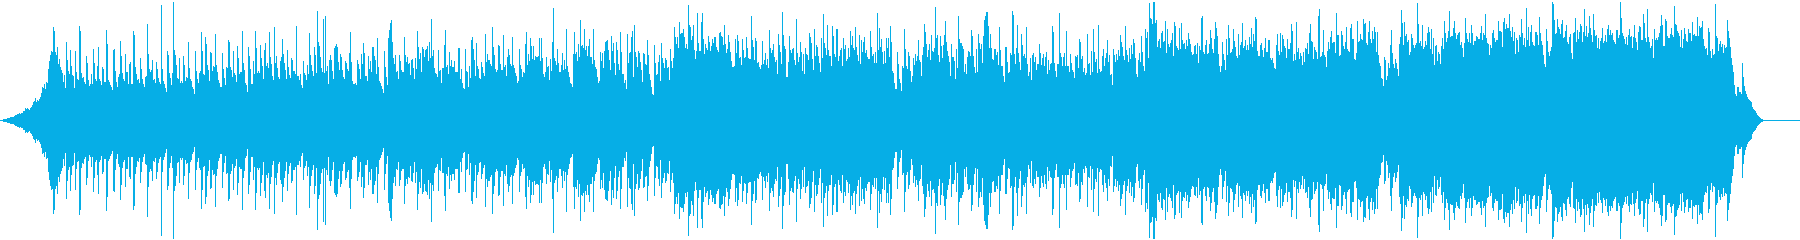 幻想的なアルペジオが美しいインストの再生済みの波形